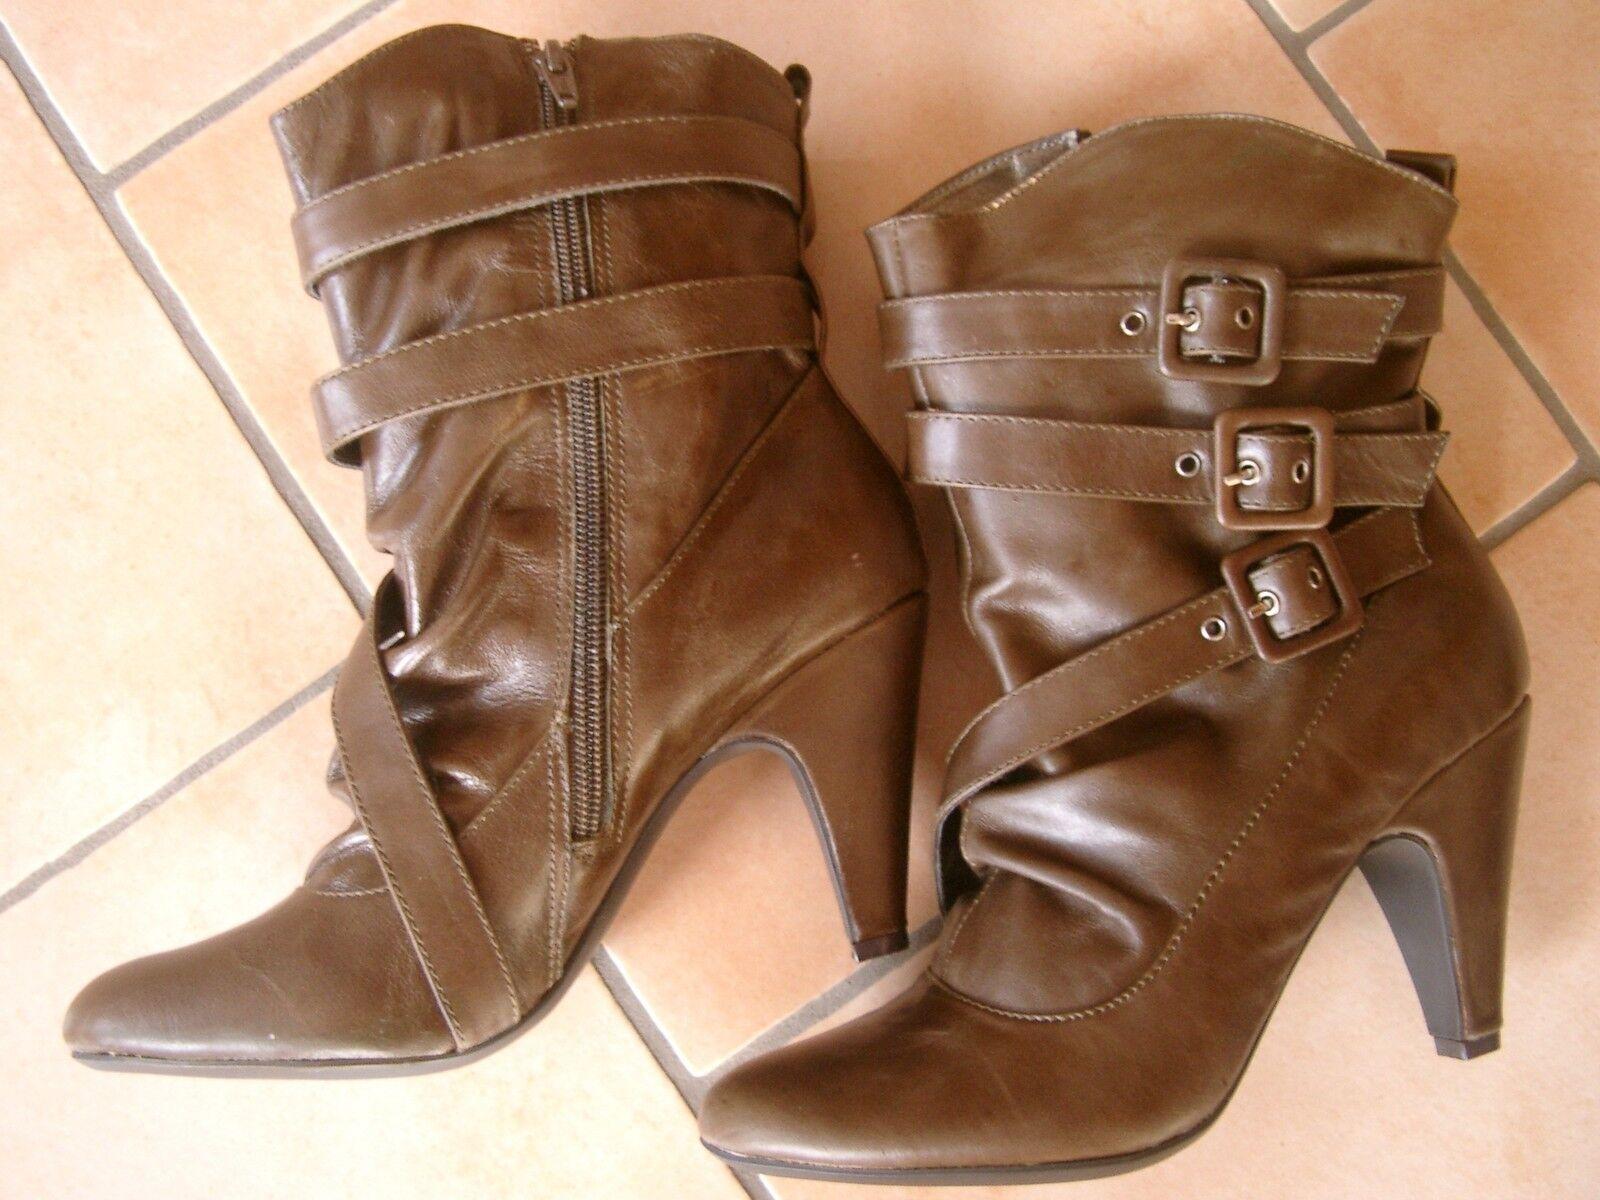 (Z18) Pepe Lederschuhe Jeans Damen Schuh Stiefelette Stiefel Lederschuhe Pepe mit Schnallen gr.40 111081